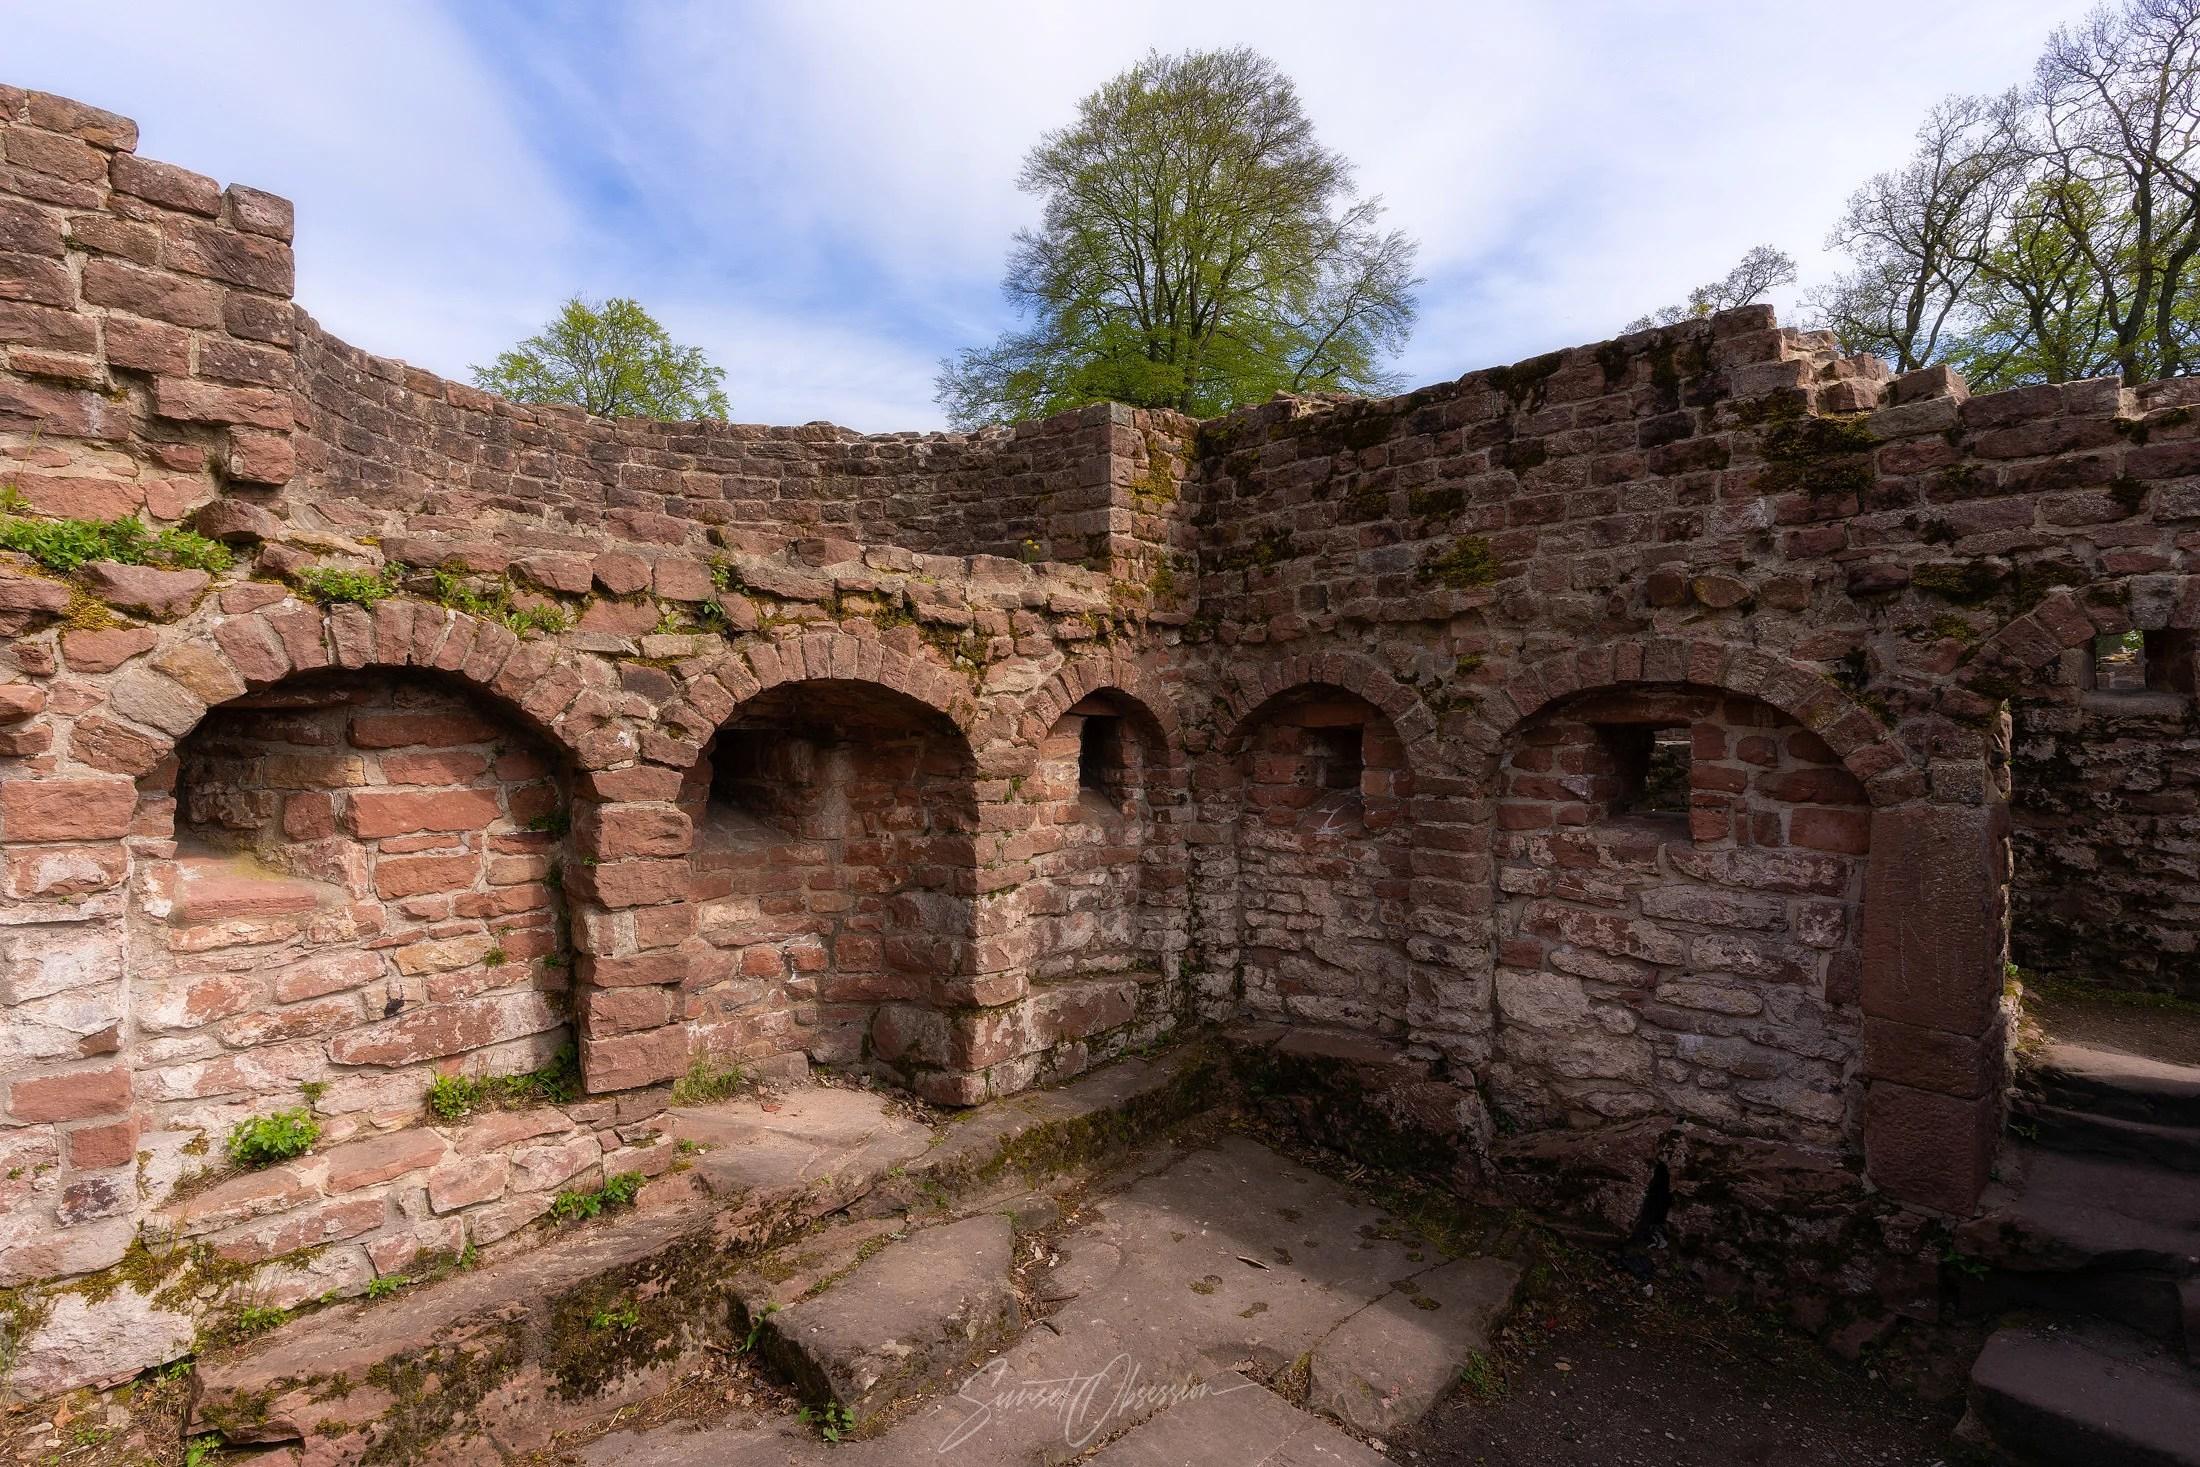 Стены монастыря Св. Михаила немало могут рассказать об истории холма Хайлигенберг